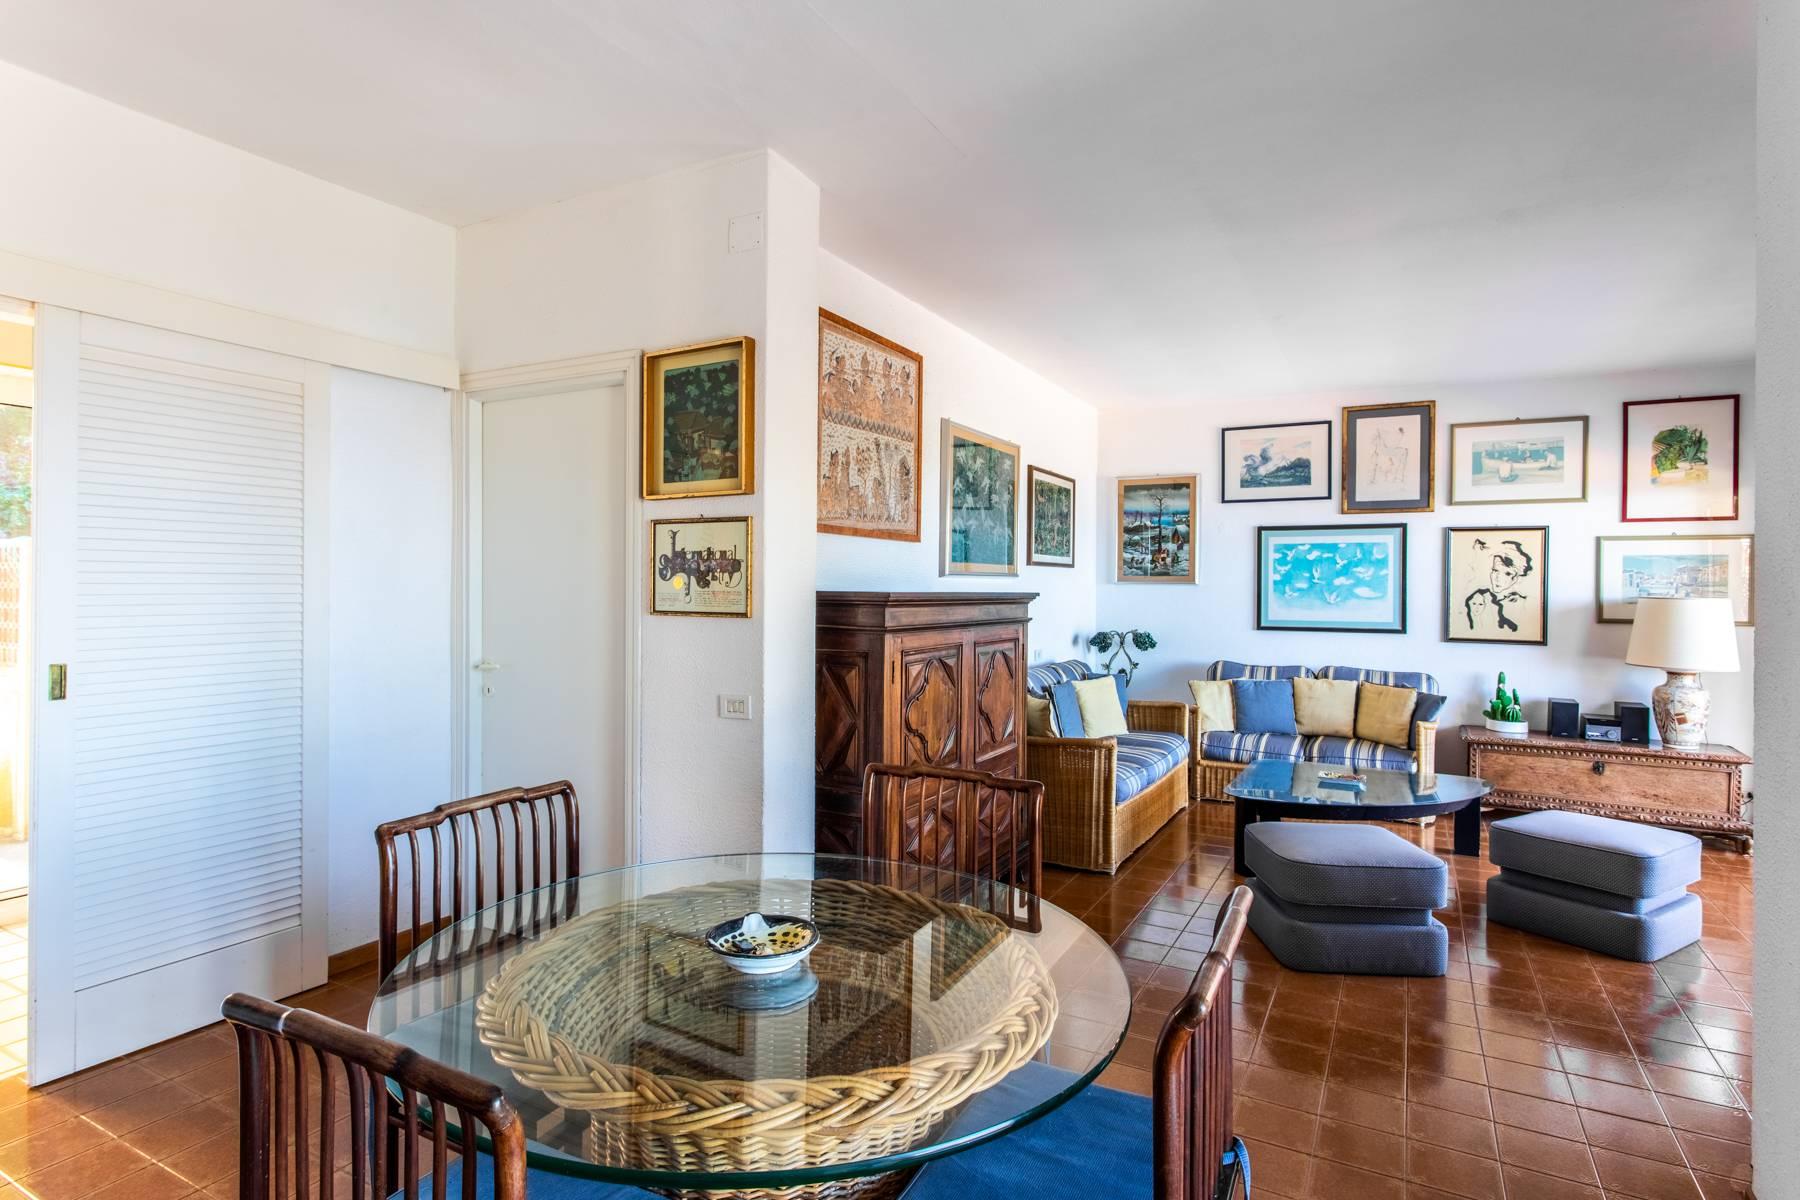 Casa indipendente in Vendita a Monte Argentario: 5 locali, 200 mq - Foto 4